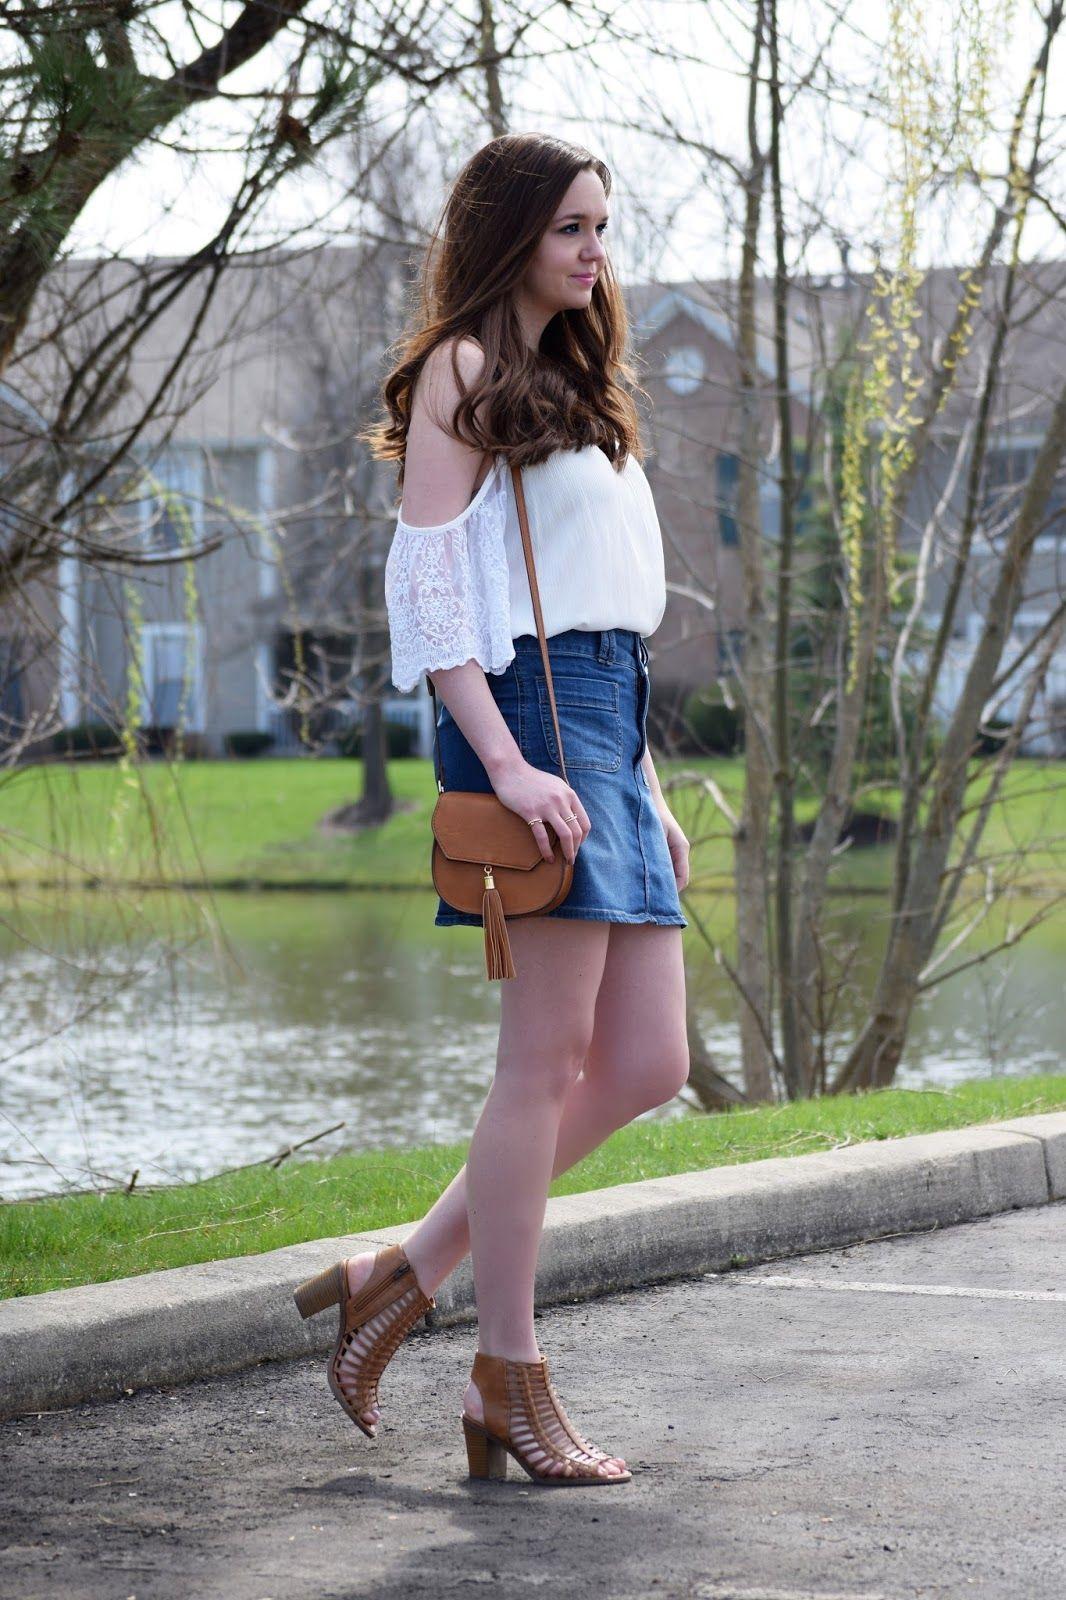 fec79b603 Cold Shoulder Top and Denim Skirt      Wear      Denim skirt ...